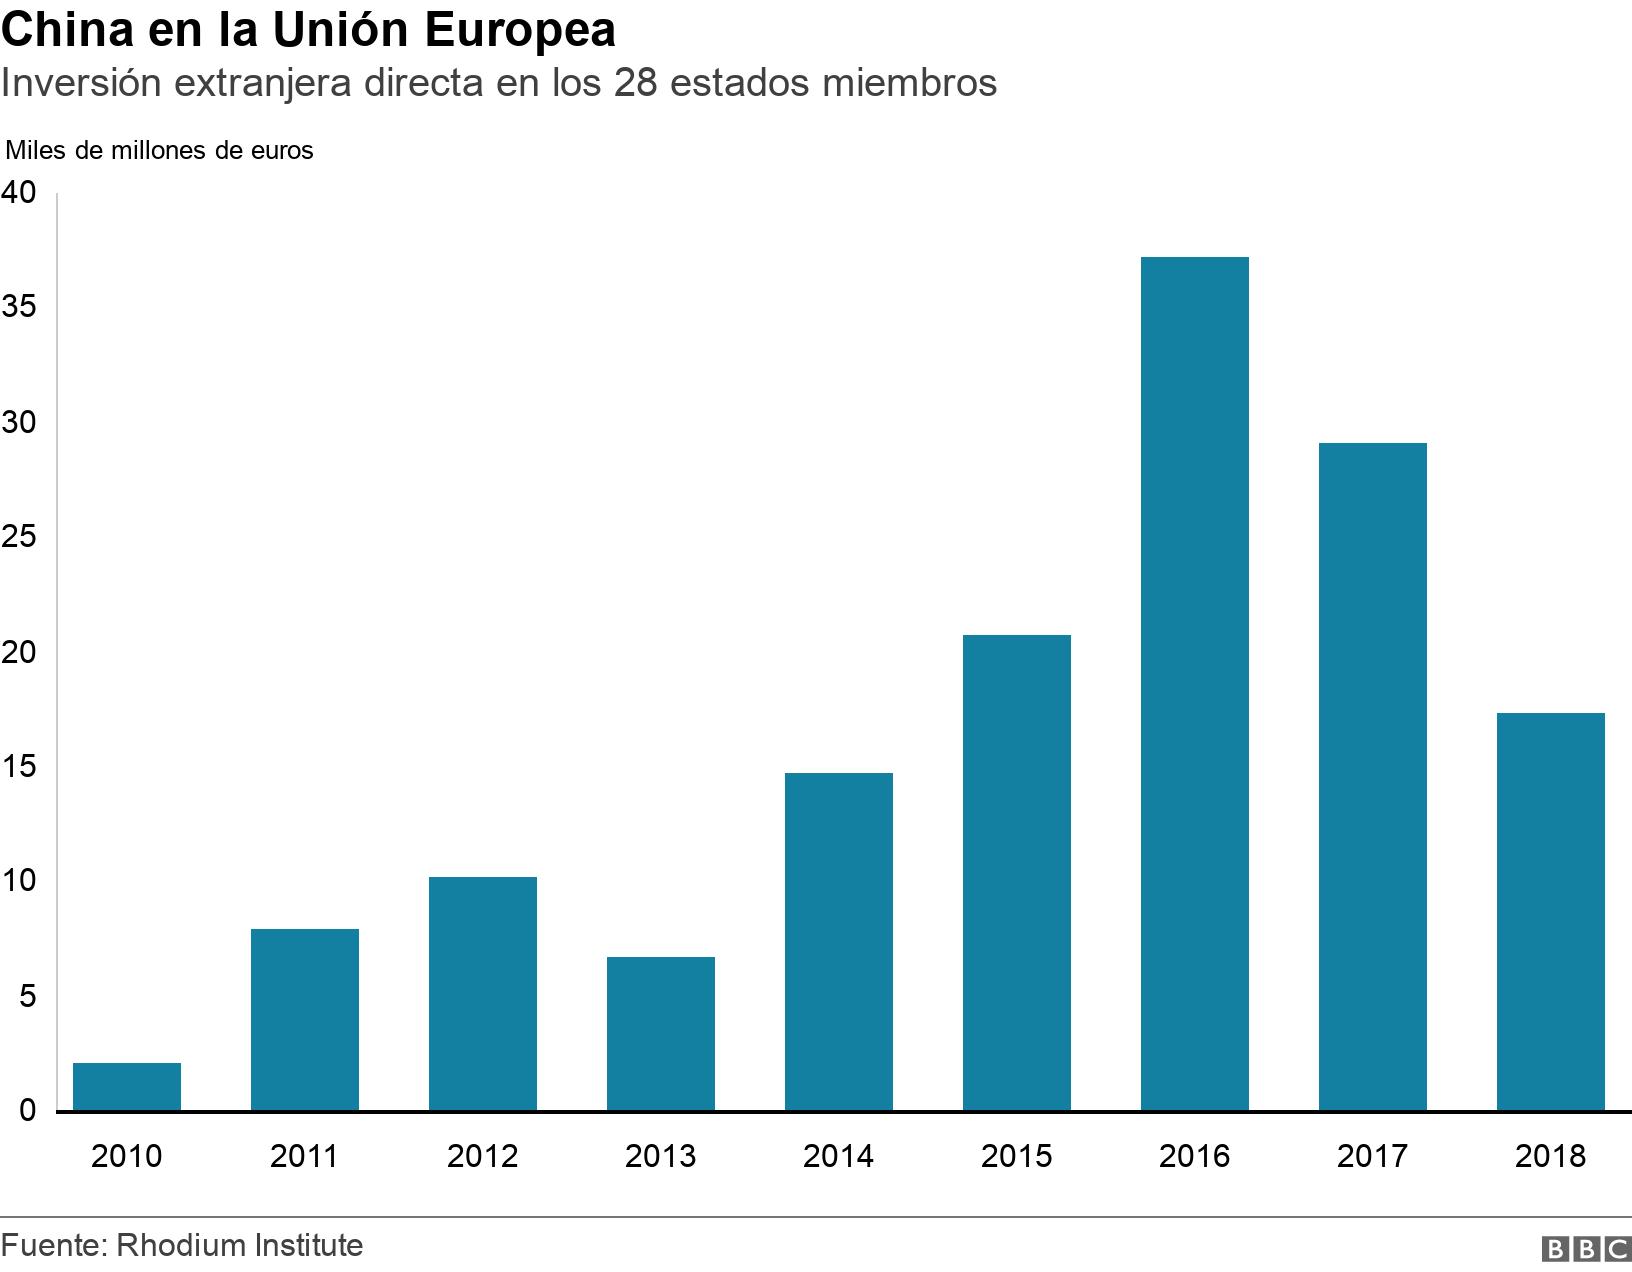 China en la Unión Europea. Inversión extranjera directa en los 28 estados miembros.  .